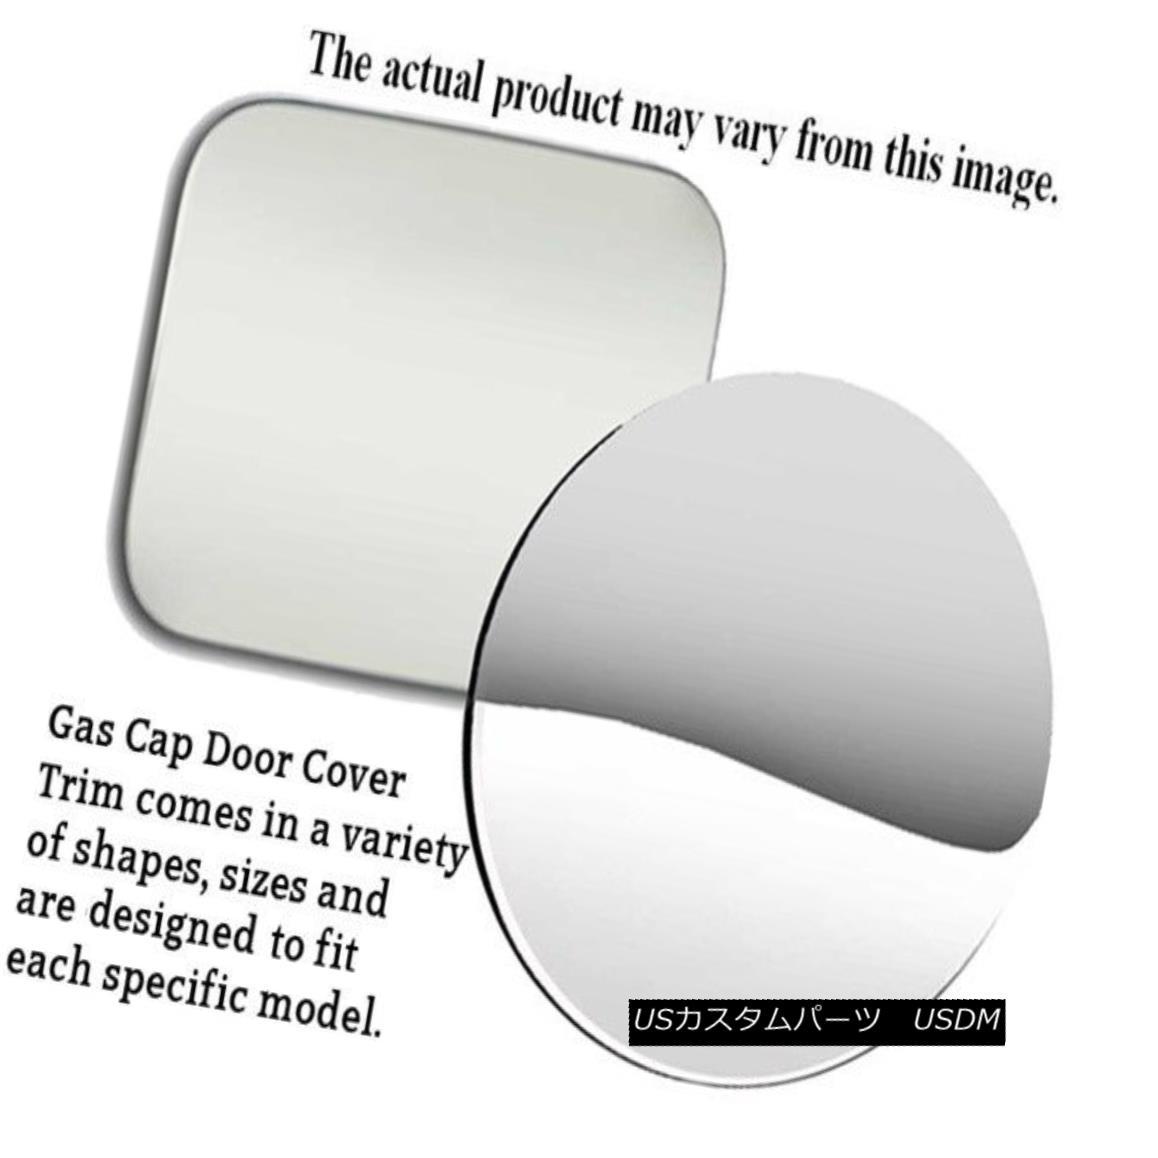 グリル Fits 2005-2007 SATURN ION 4-door -Stainless Steel GAS CAP DOOR 2005-2007 SATURN ION 4ドア - ステンレススチールガスCAP DOOR